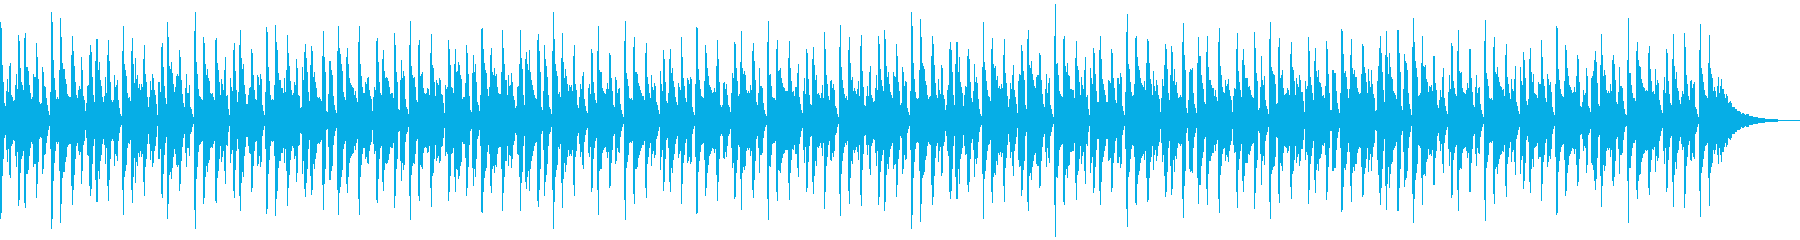 ウクレレ・楽しい・誕生日・ハッピー・口笛の再生済みの波形